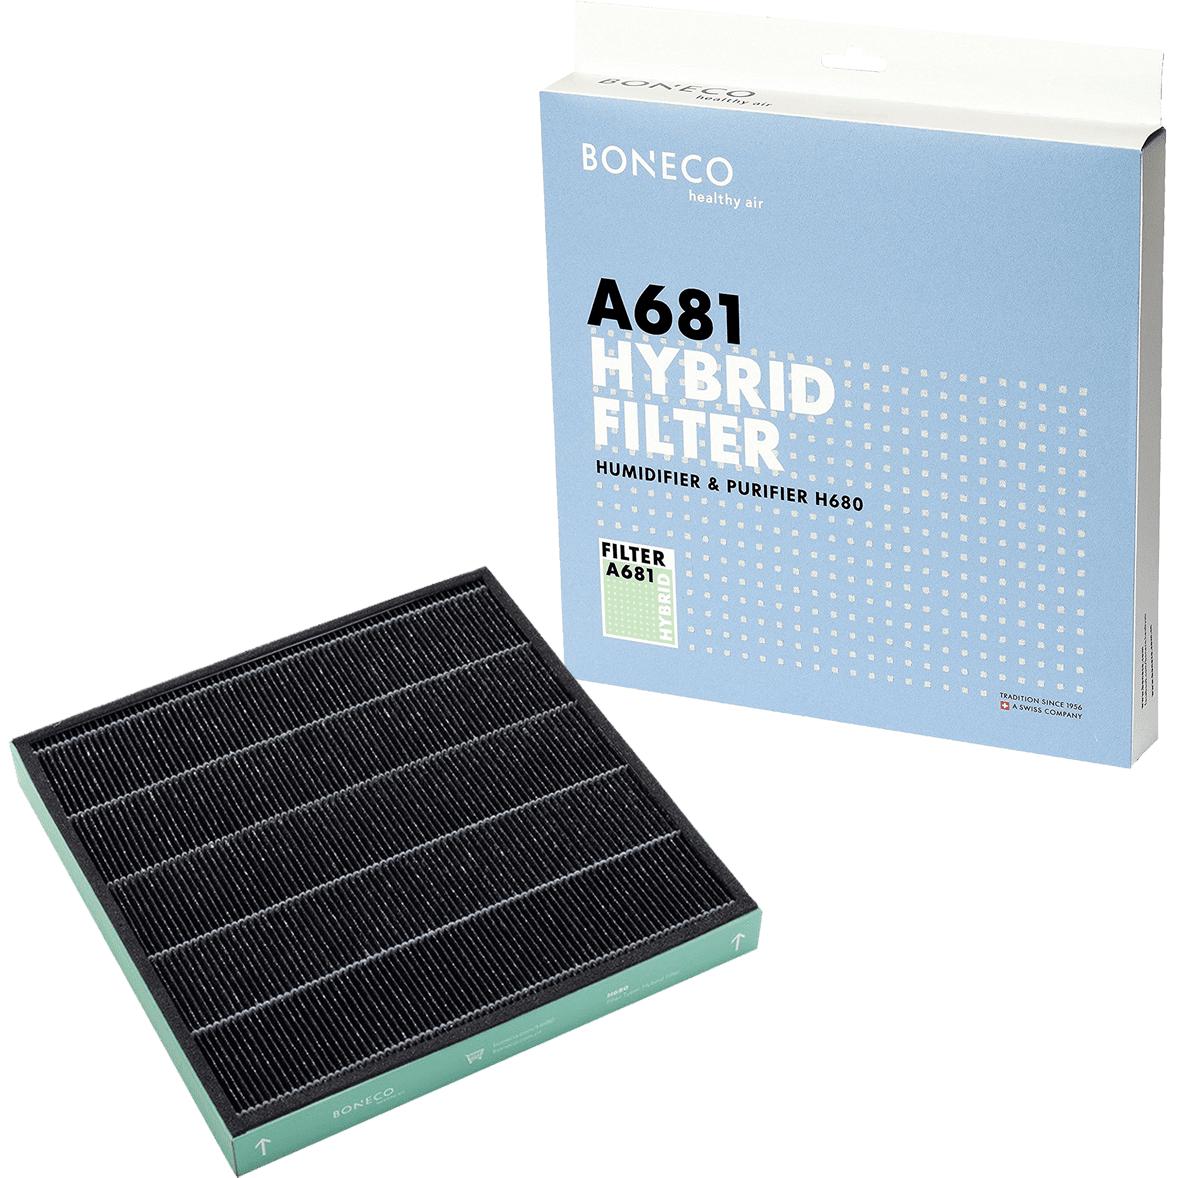 Boneco A681 Healthy Air Hybrid Air Filter